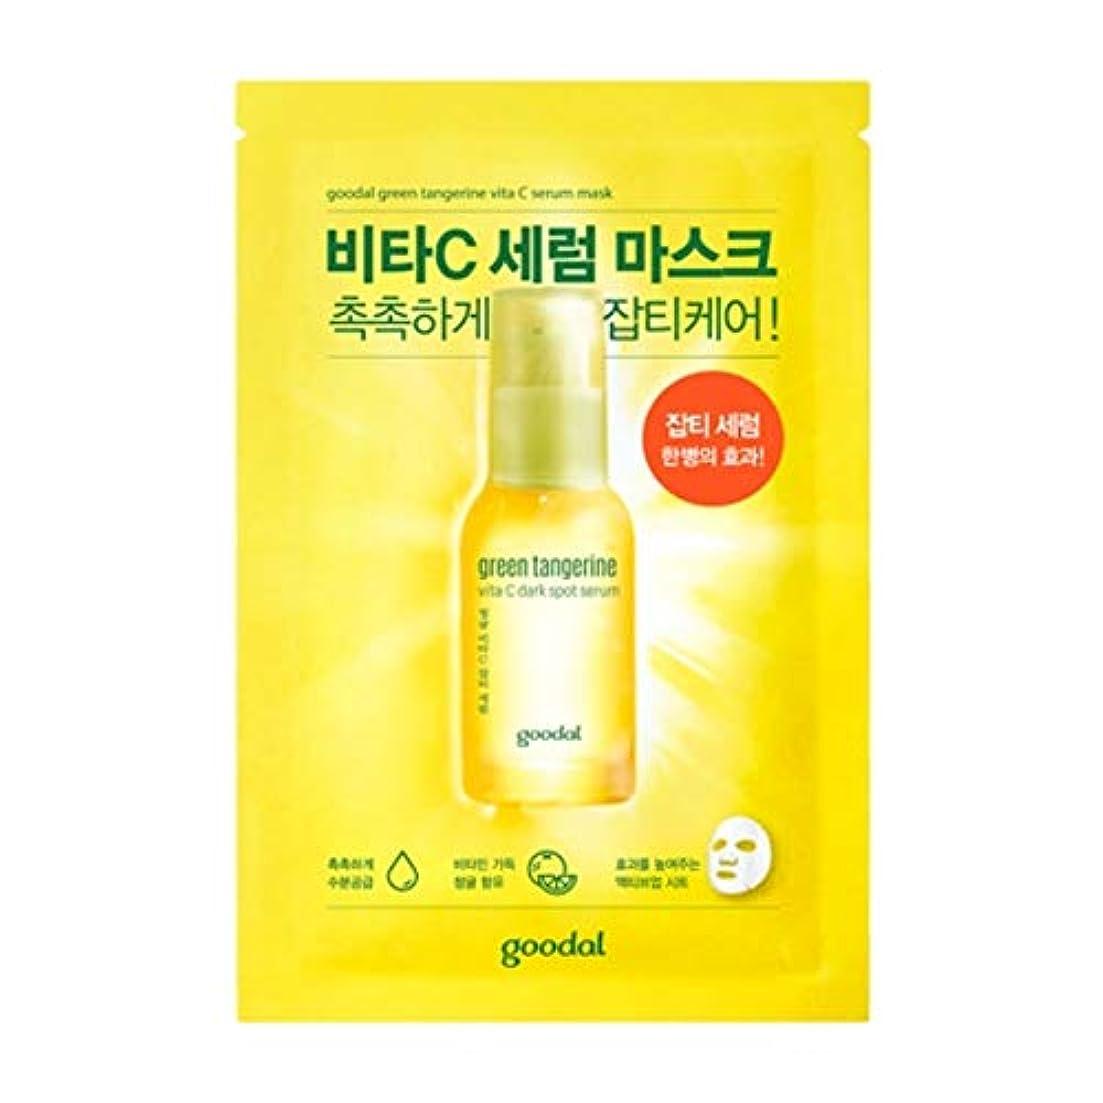 色合い広告する解釈Goodal Green Tangerine Vita C Dark Spot Serum Sheet mask チョンギュル、ビタC汚れセラムシートマスク (1 Sheet (1シート)) [並行輸入品]